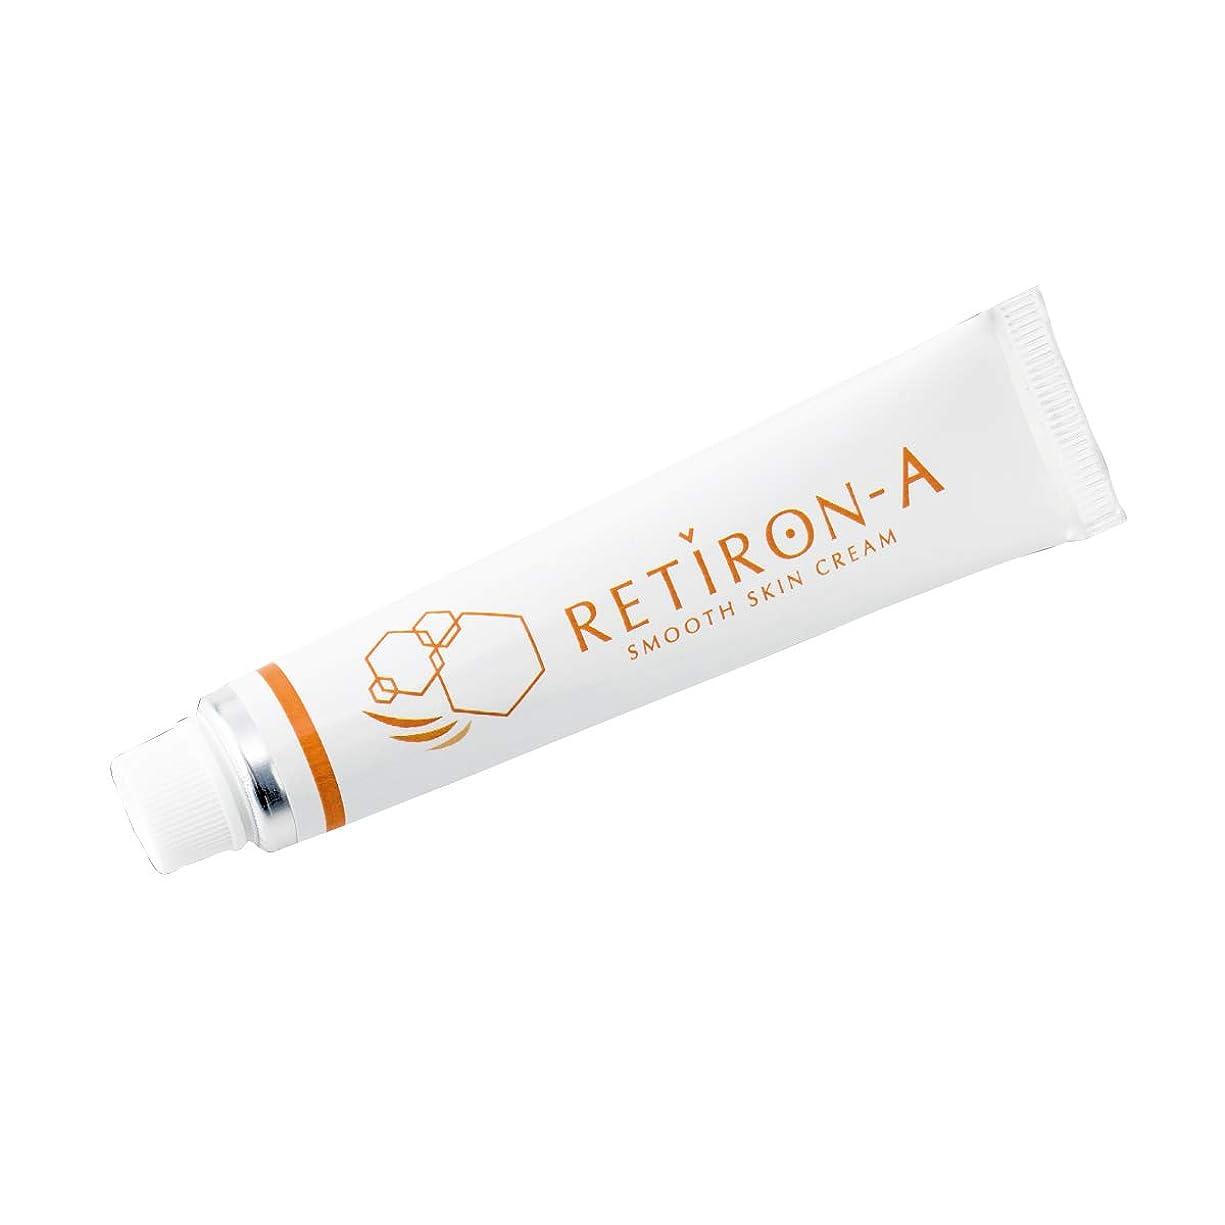 年次北加害者クリーム 化粧品 レチノール配合 レチロンA パラベンフリー